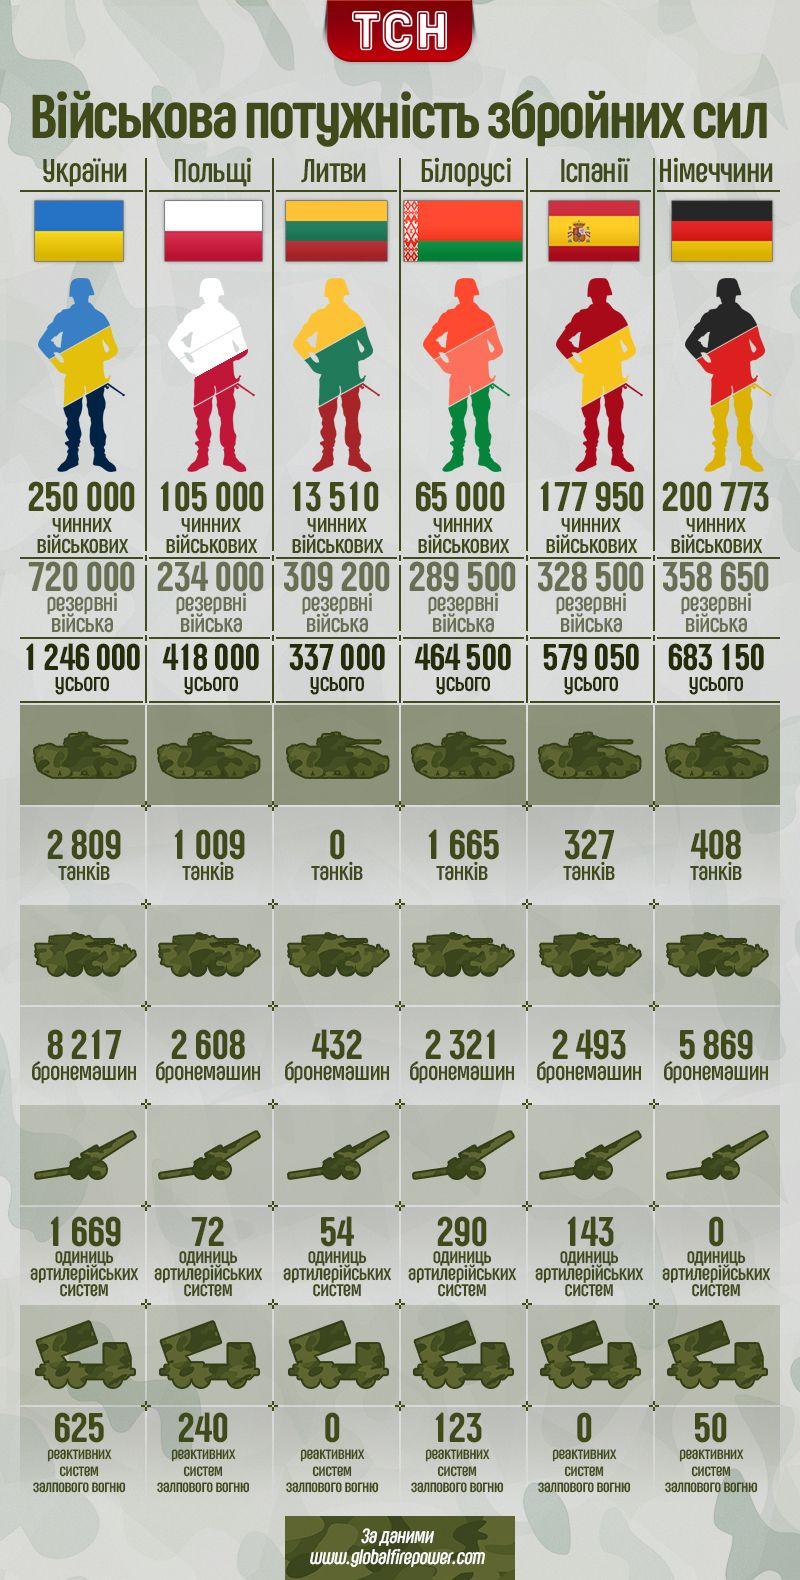 Порівняння армій, інфографіка_1